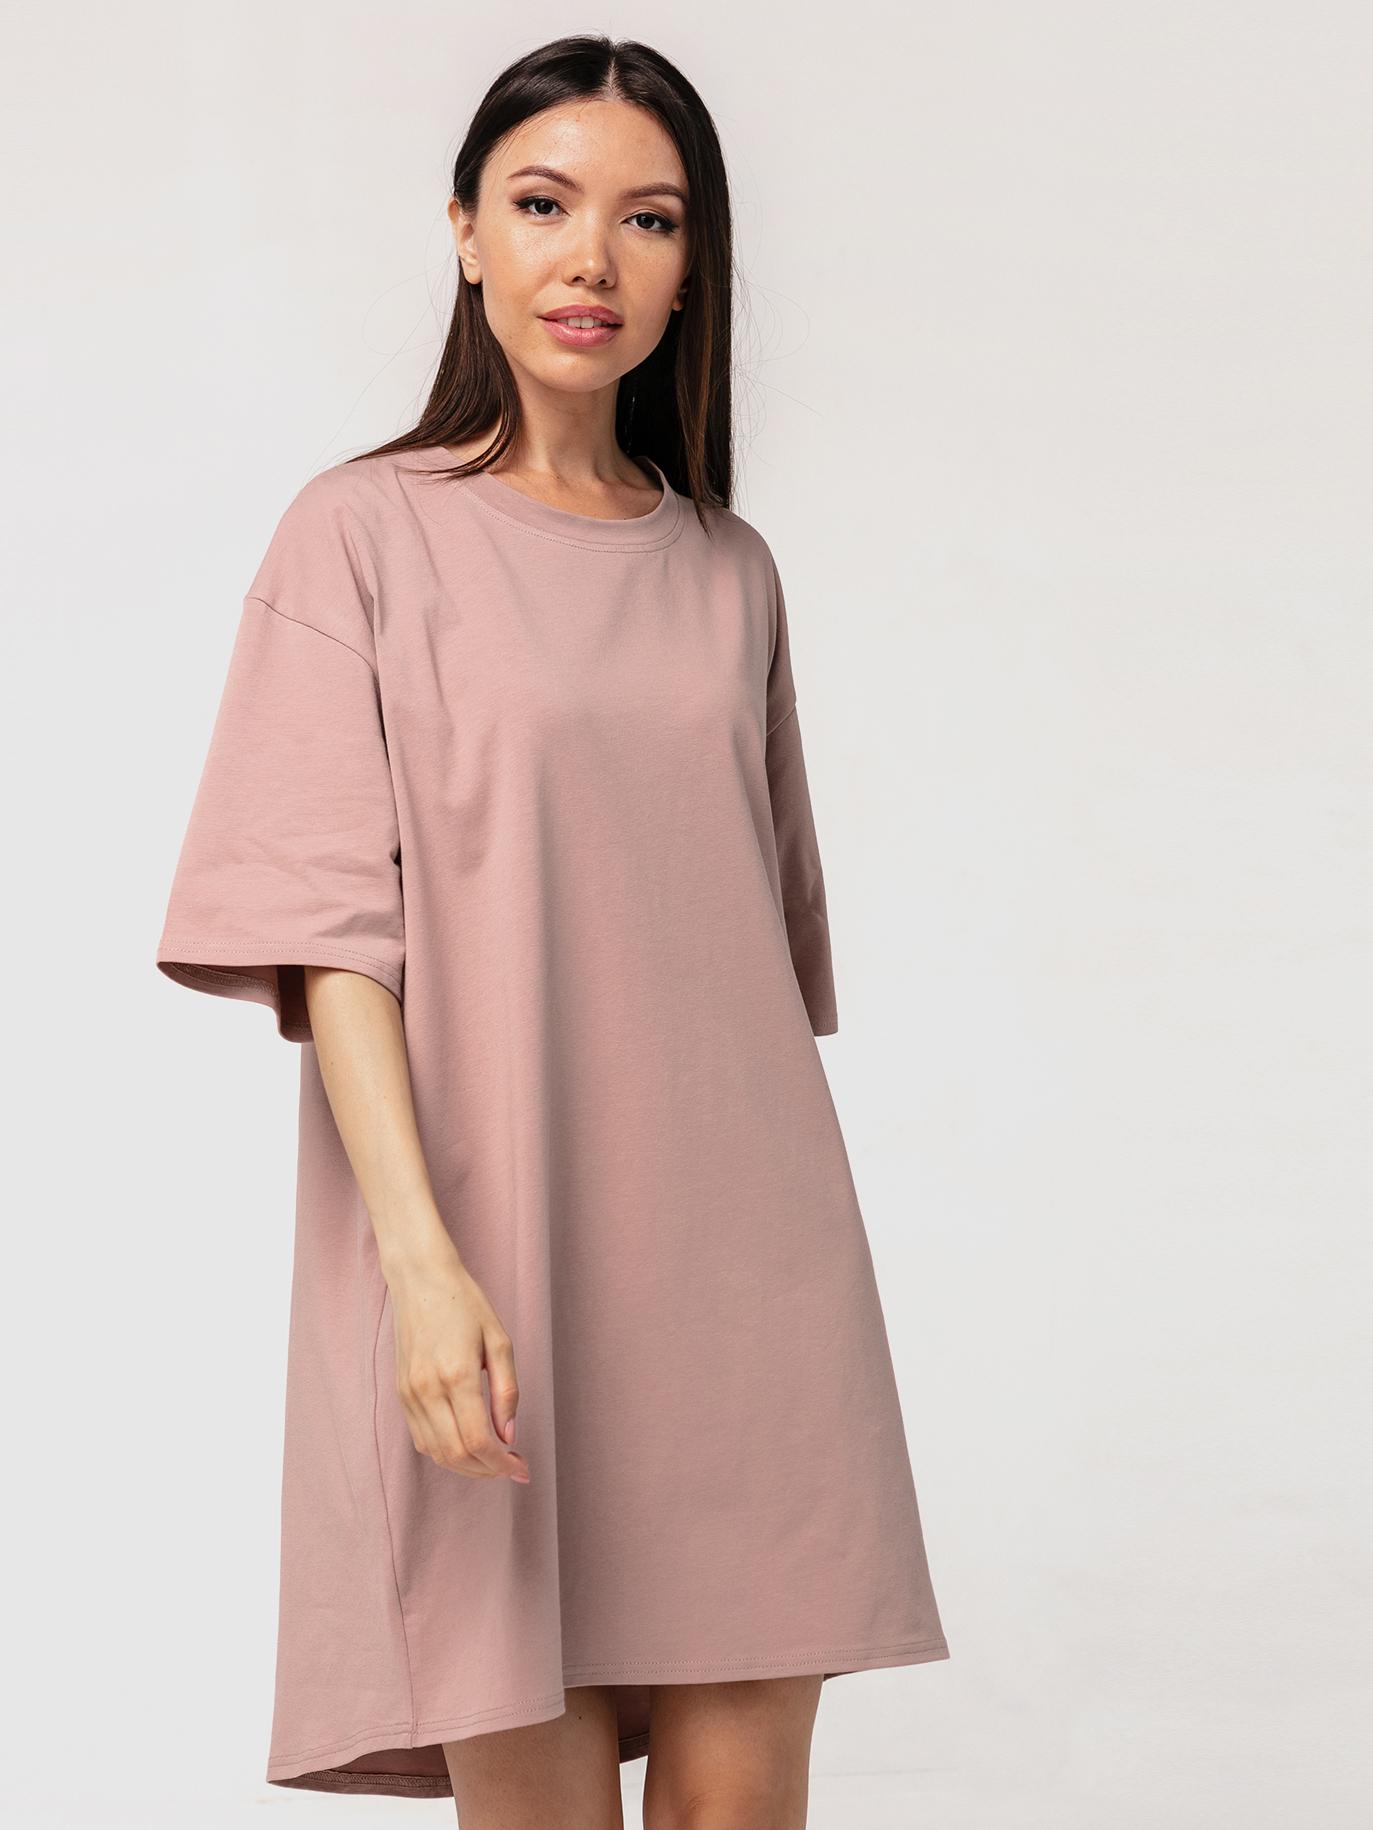 Платье-футболка хлопковое темный визон YOS от украинского бренда Your Own Style